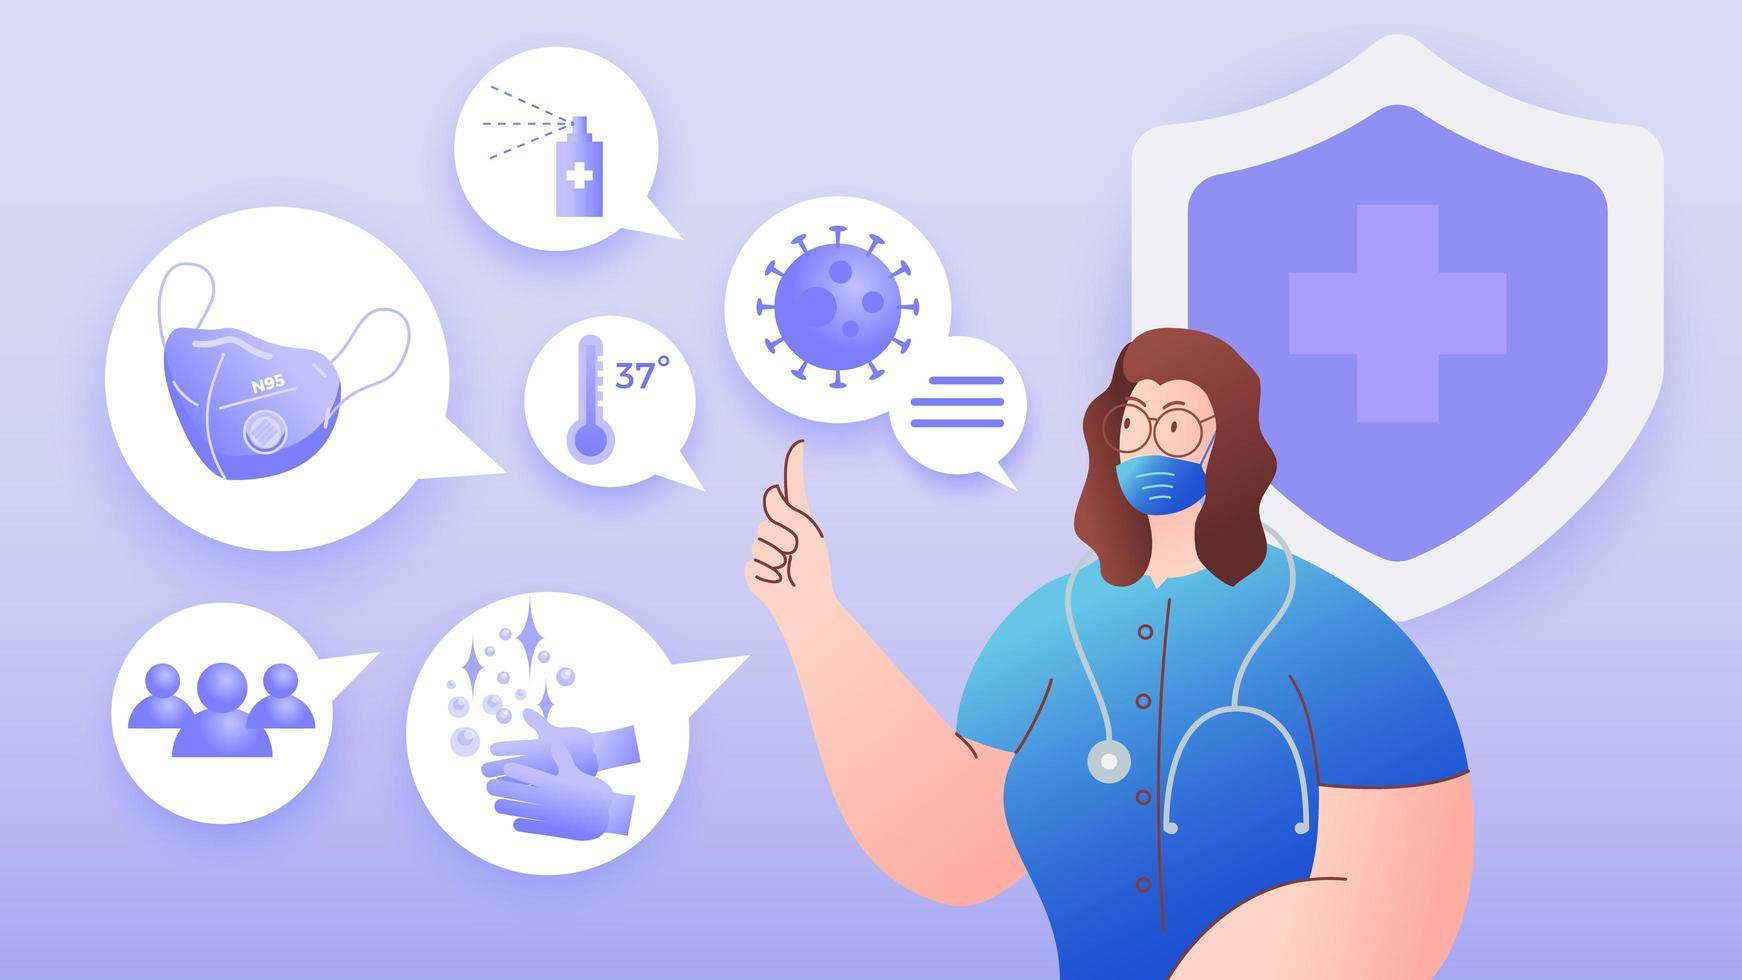 vrouwelijke arts die suggereert hoe te beschermen tegen coronavirus vector